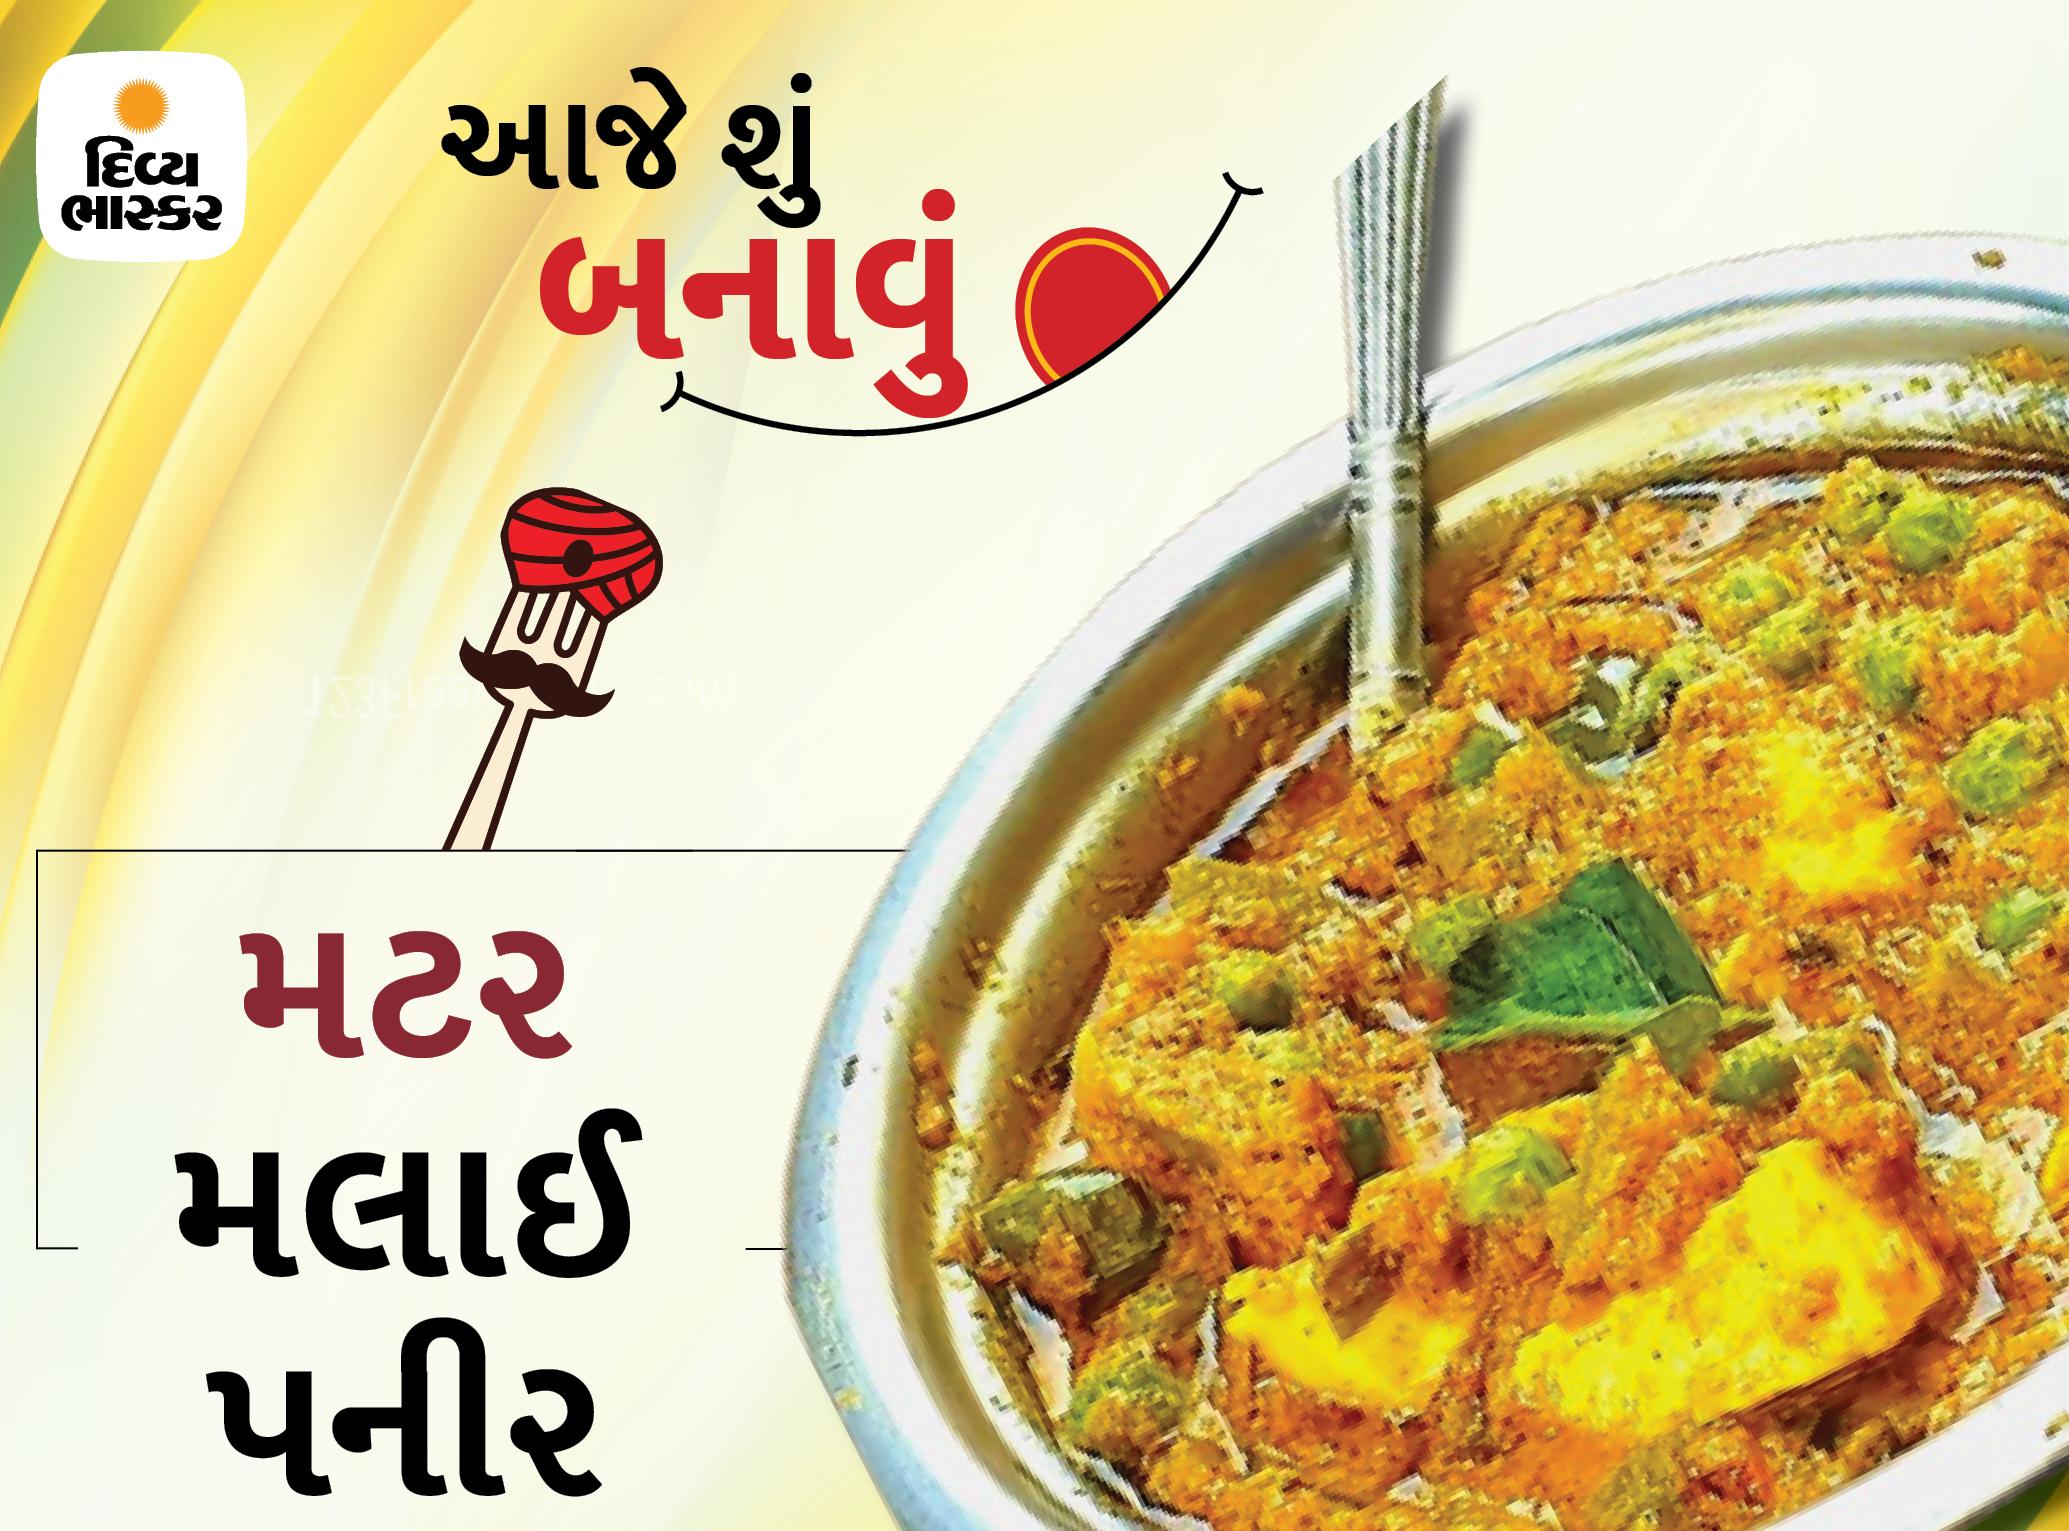 કંઈક તીખું અને મસાલેદાર ખાવાનું મન થાય તો મટર મલાઈ પનીર બનાવો, માત્ર 30 મિનિટમાં રેડી થઈ જશે|રેસીપી,Recipe - Divya Bhaskar